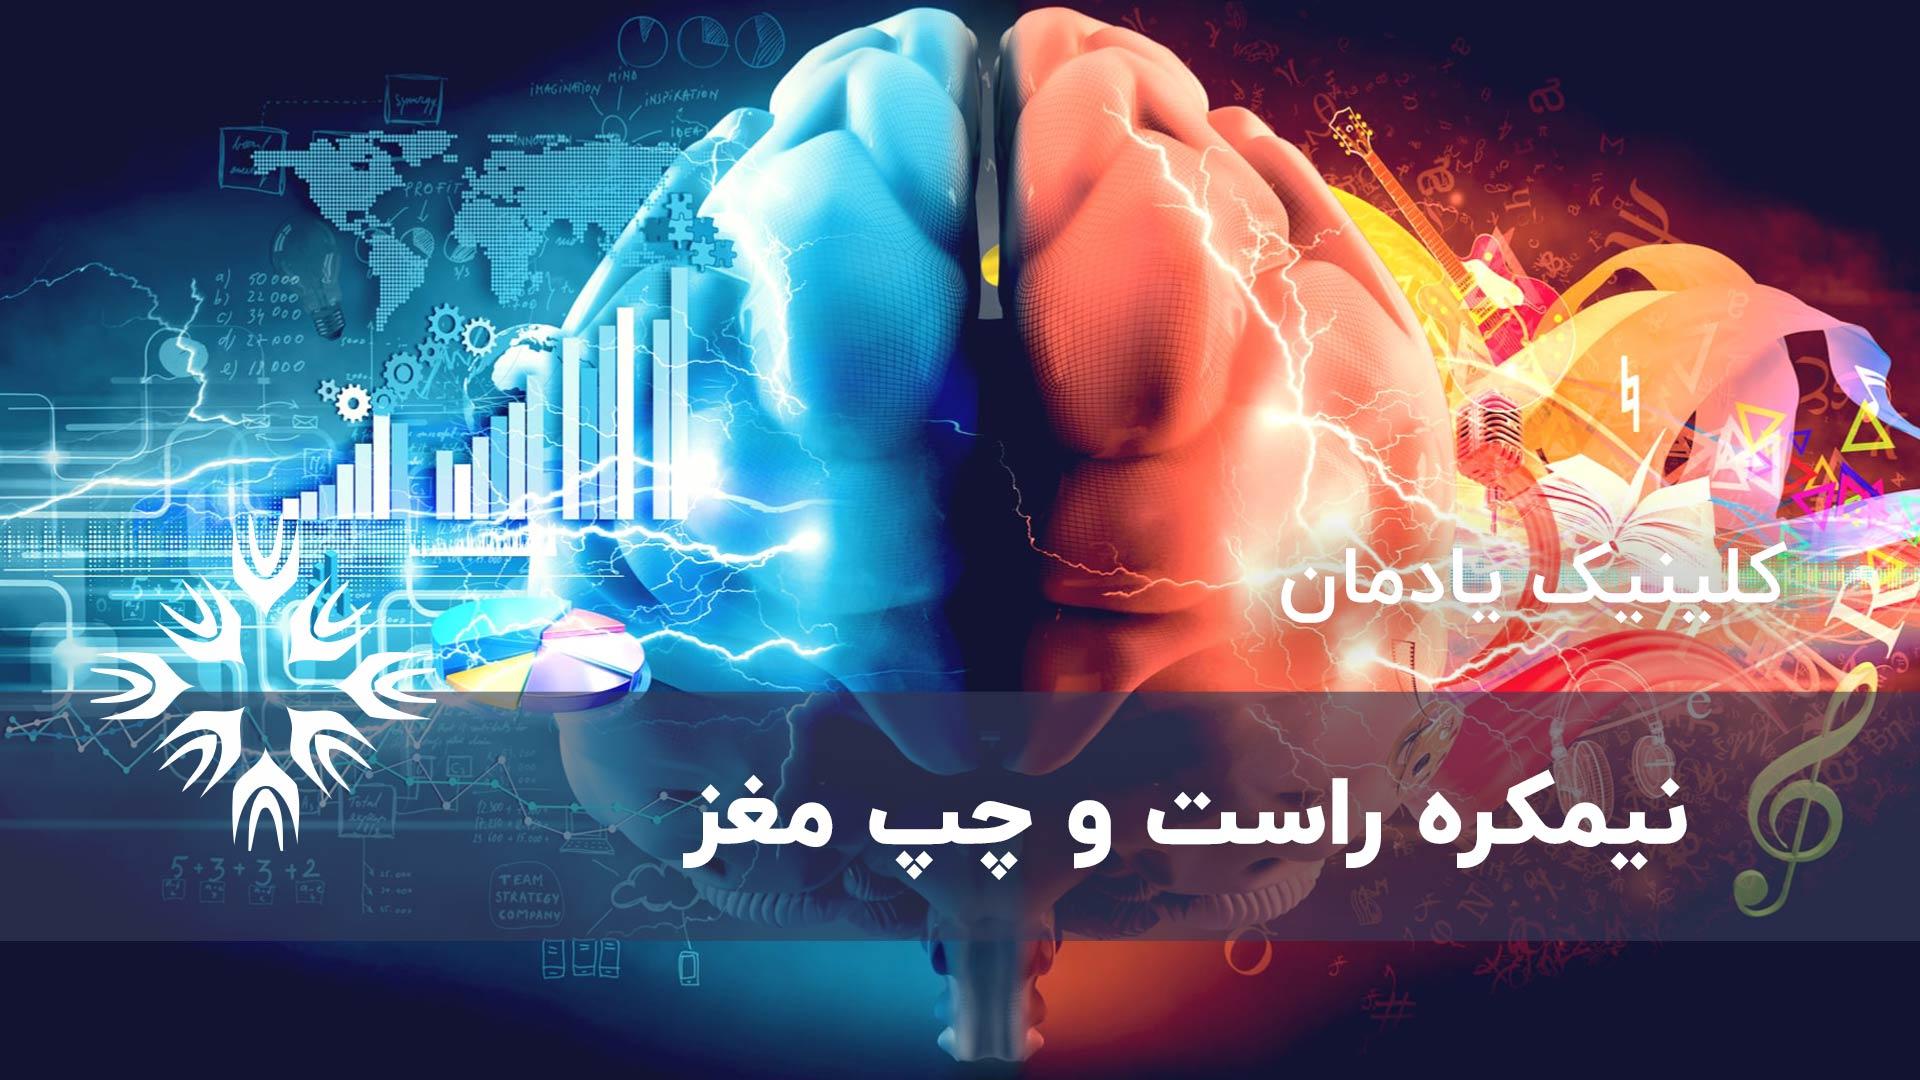 نیمکره چپ و نیمکره راست مغز